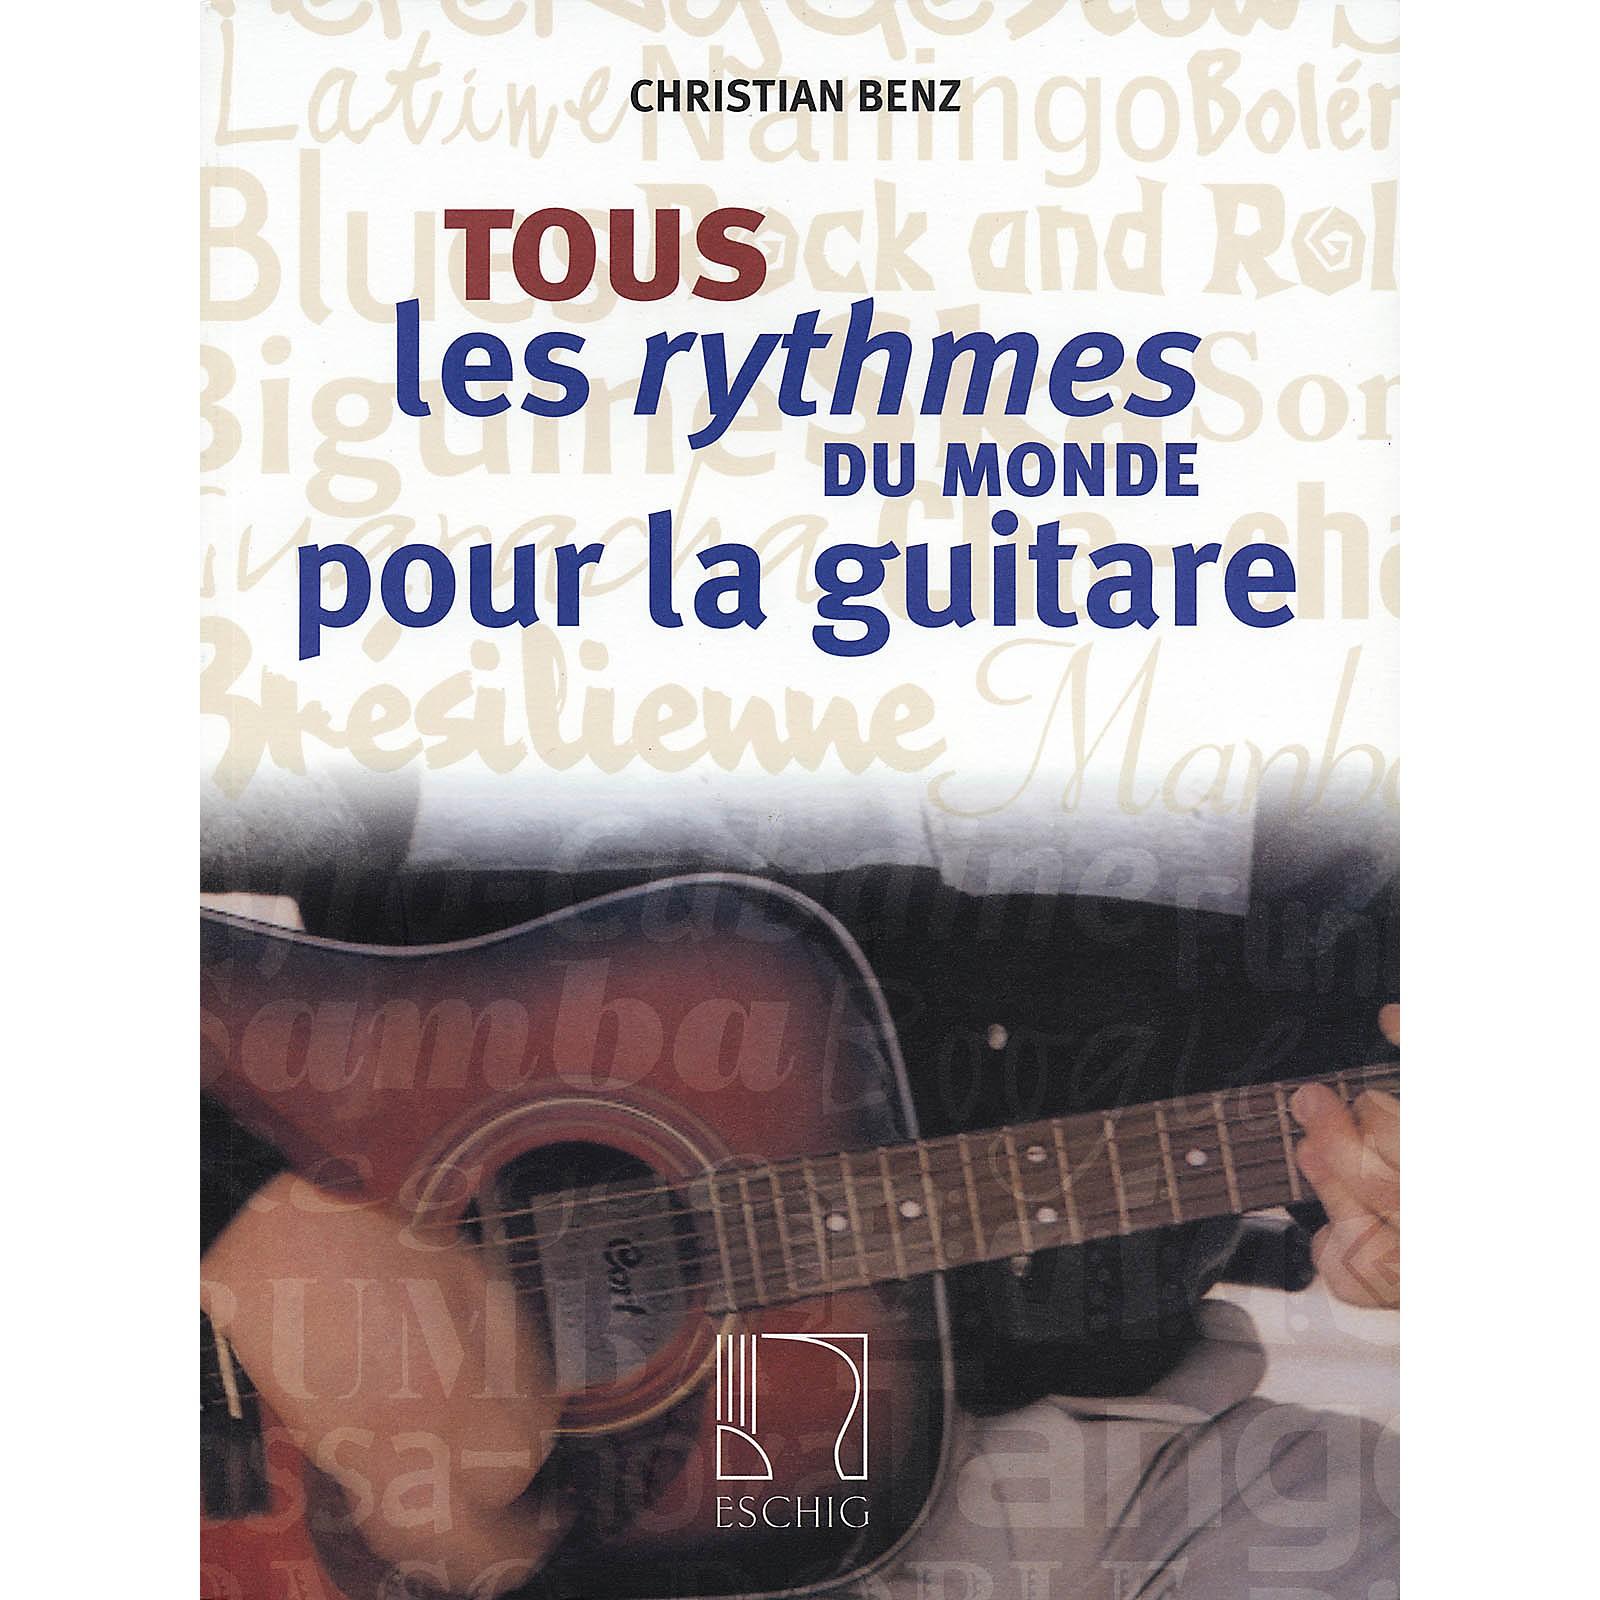 Max Eschig Tous les rythmes du monde pour la guitare Editions Durand Series Written by Christian Benz